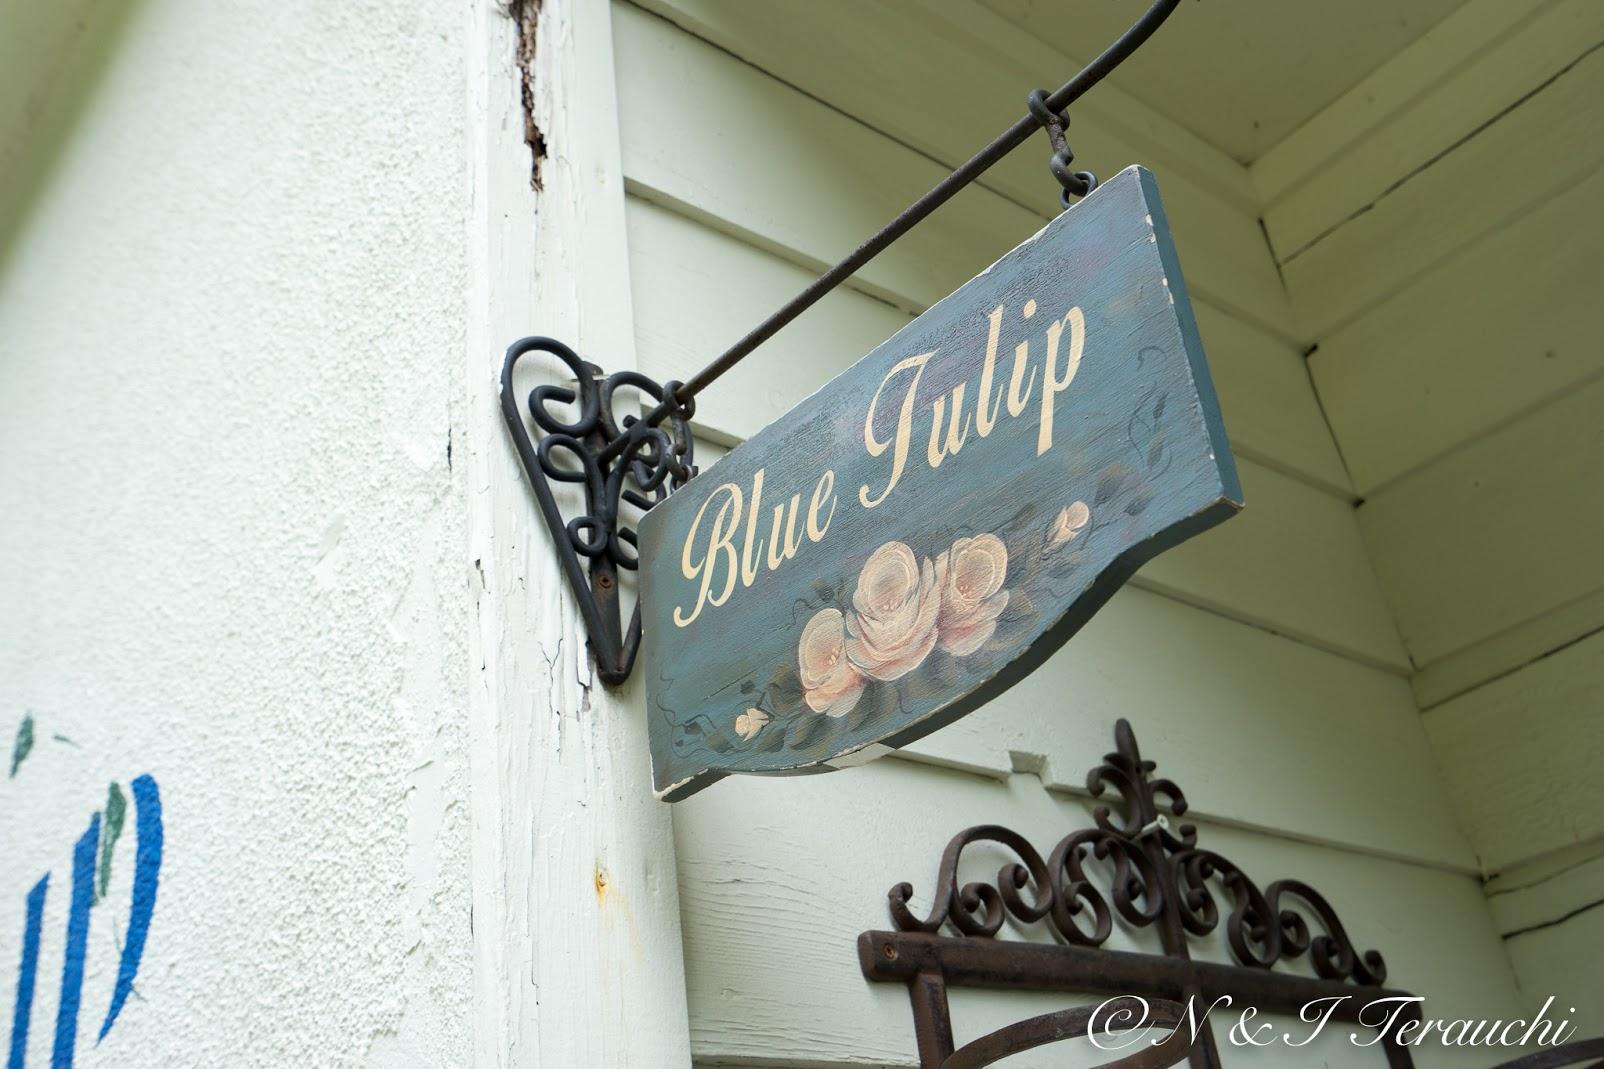 ブルーチューリップ・Blue tulip(札幌市)カフェブルーのお隣に位置する姉妹店の雑貨屋さん